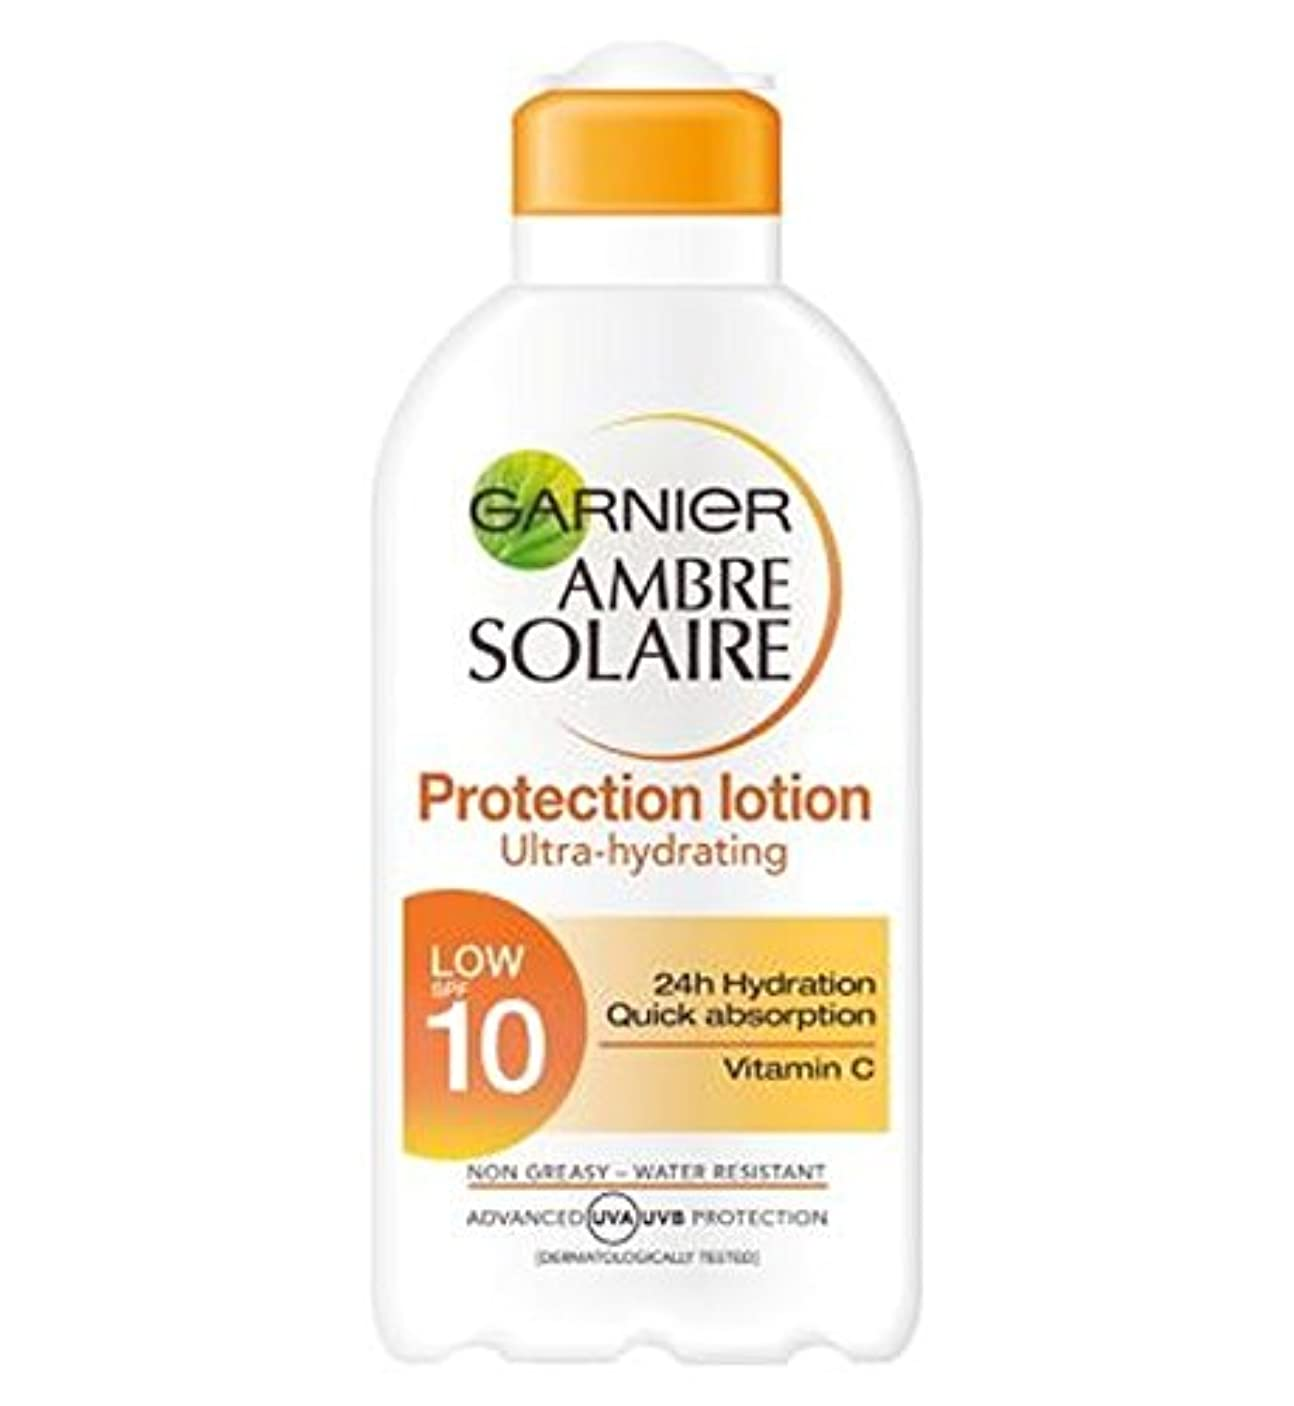 思春期の博物館分散Garnier Ambre Solaire Protection Lotion SPF10 200ml - ガルニエアンブレSolaire保護ローションSpf10の200ミリリットル (Garnier) [並行輸入品]